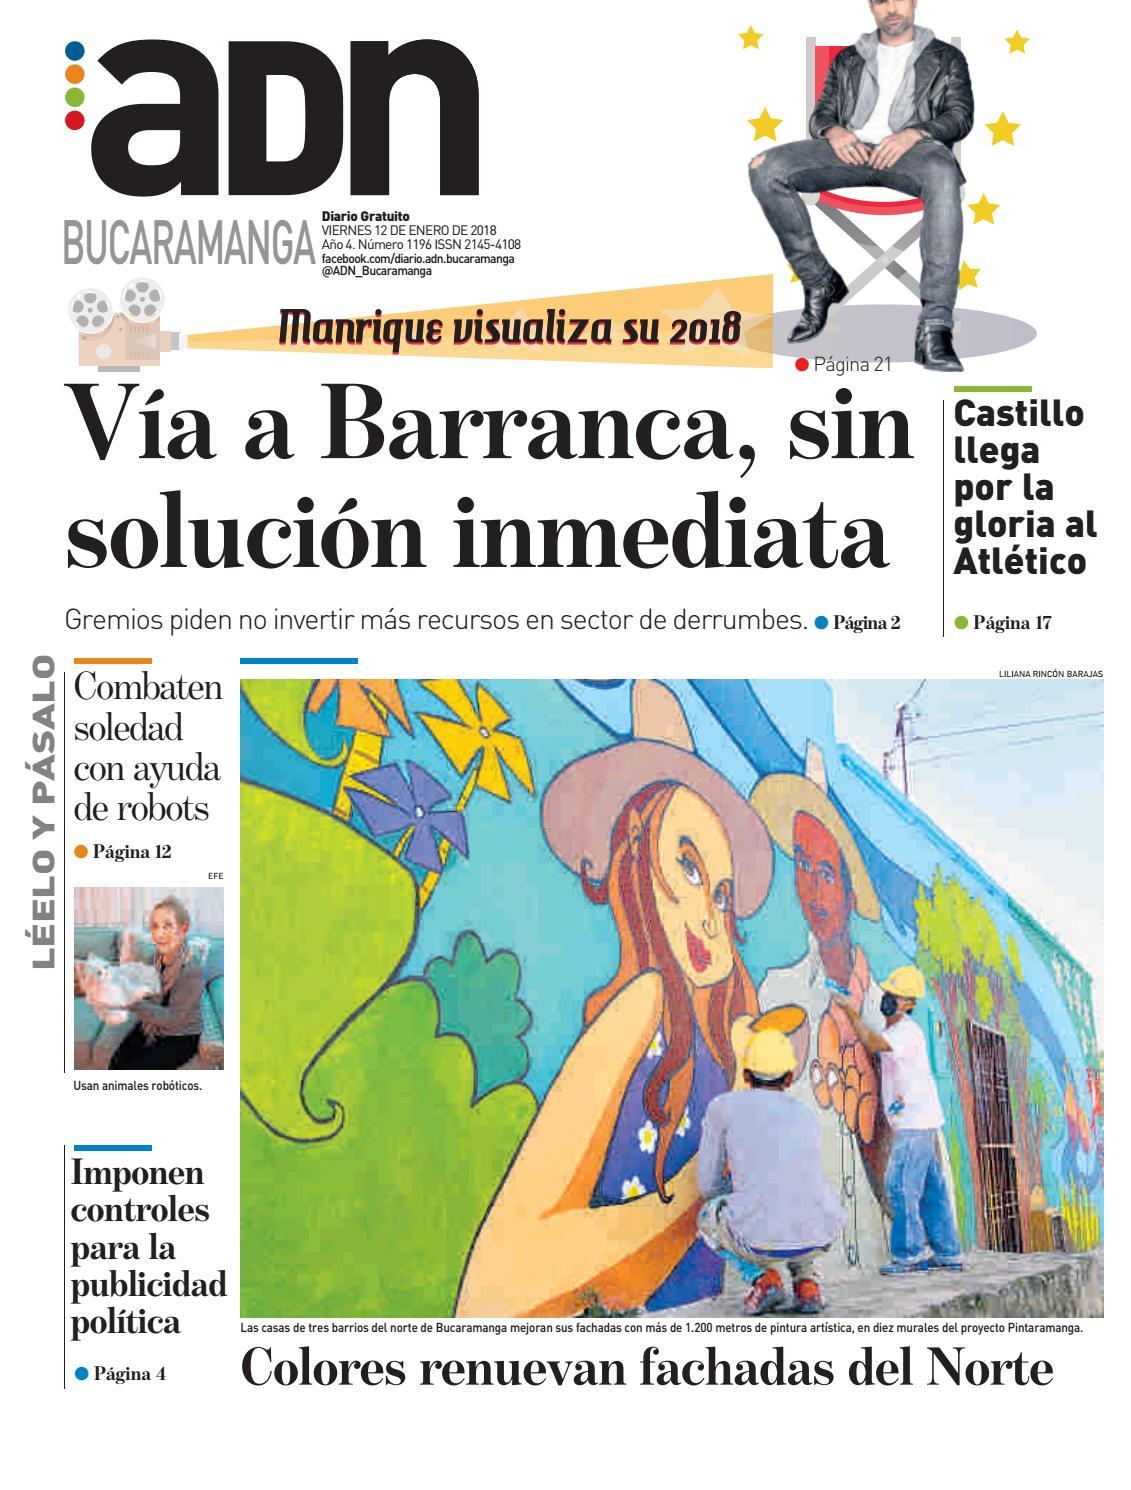 ADN Bucaramanga 12/01/2018 by diarioadn.co - issuu